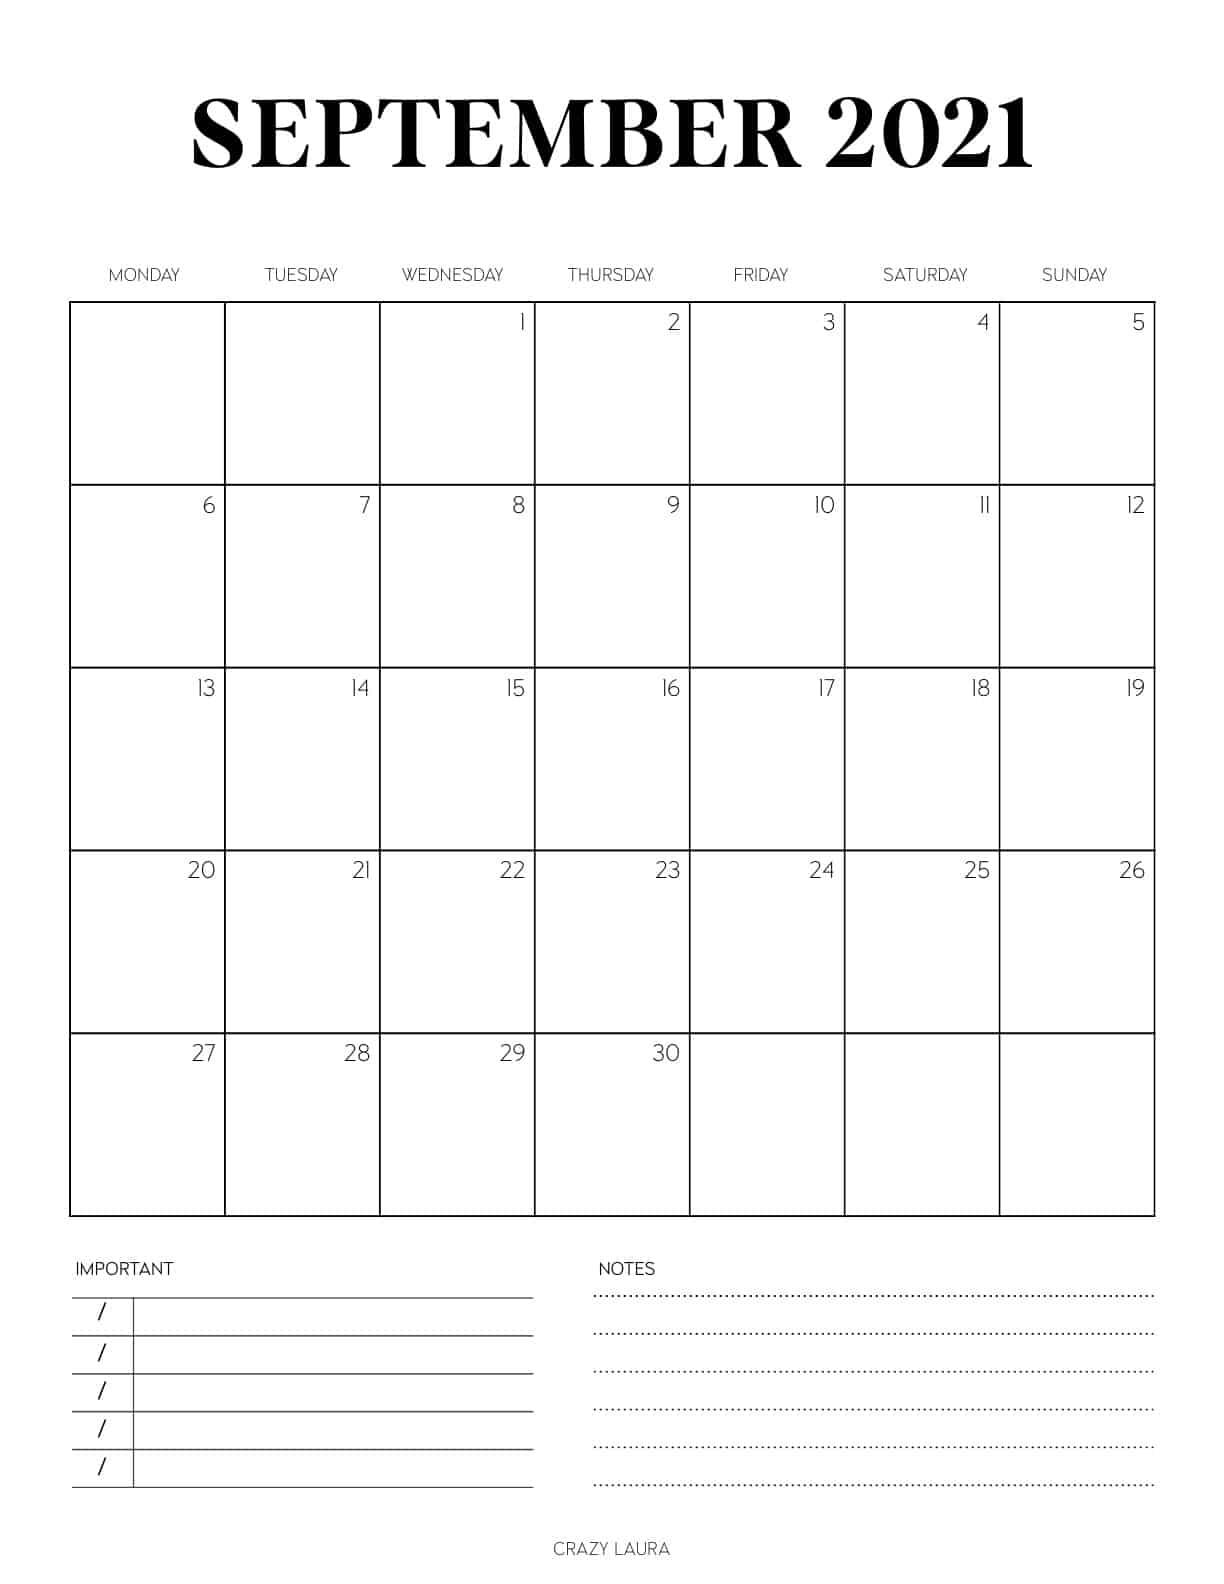 sept 2021 calendar to print off